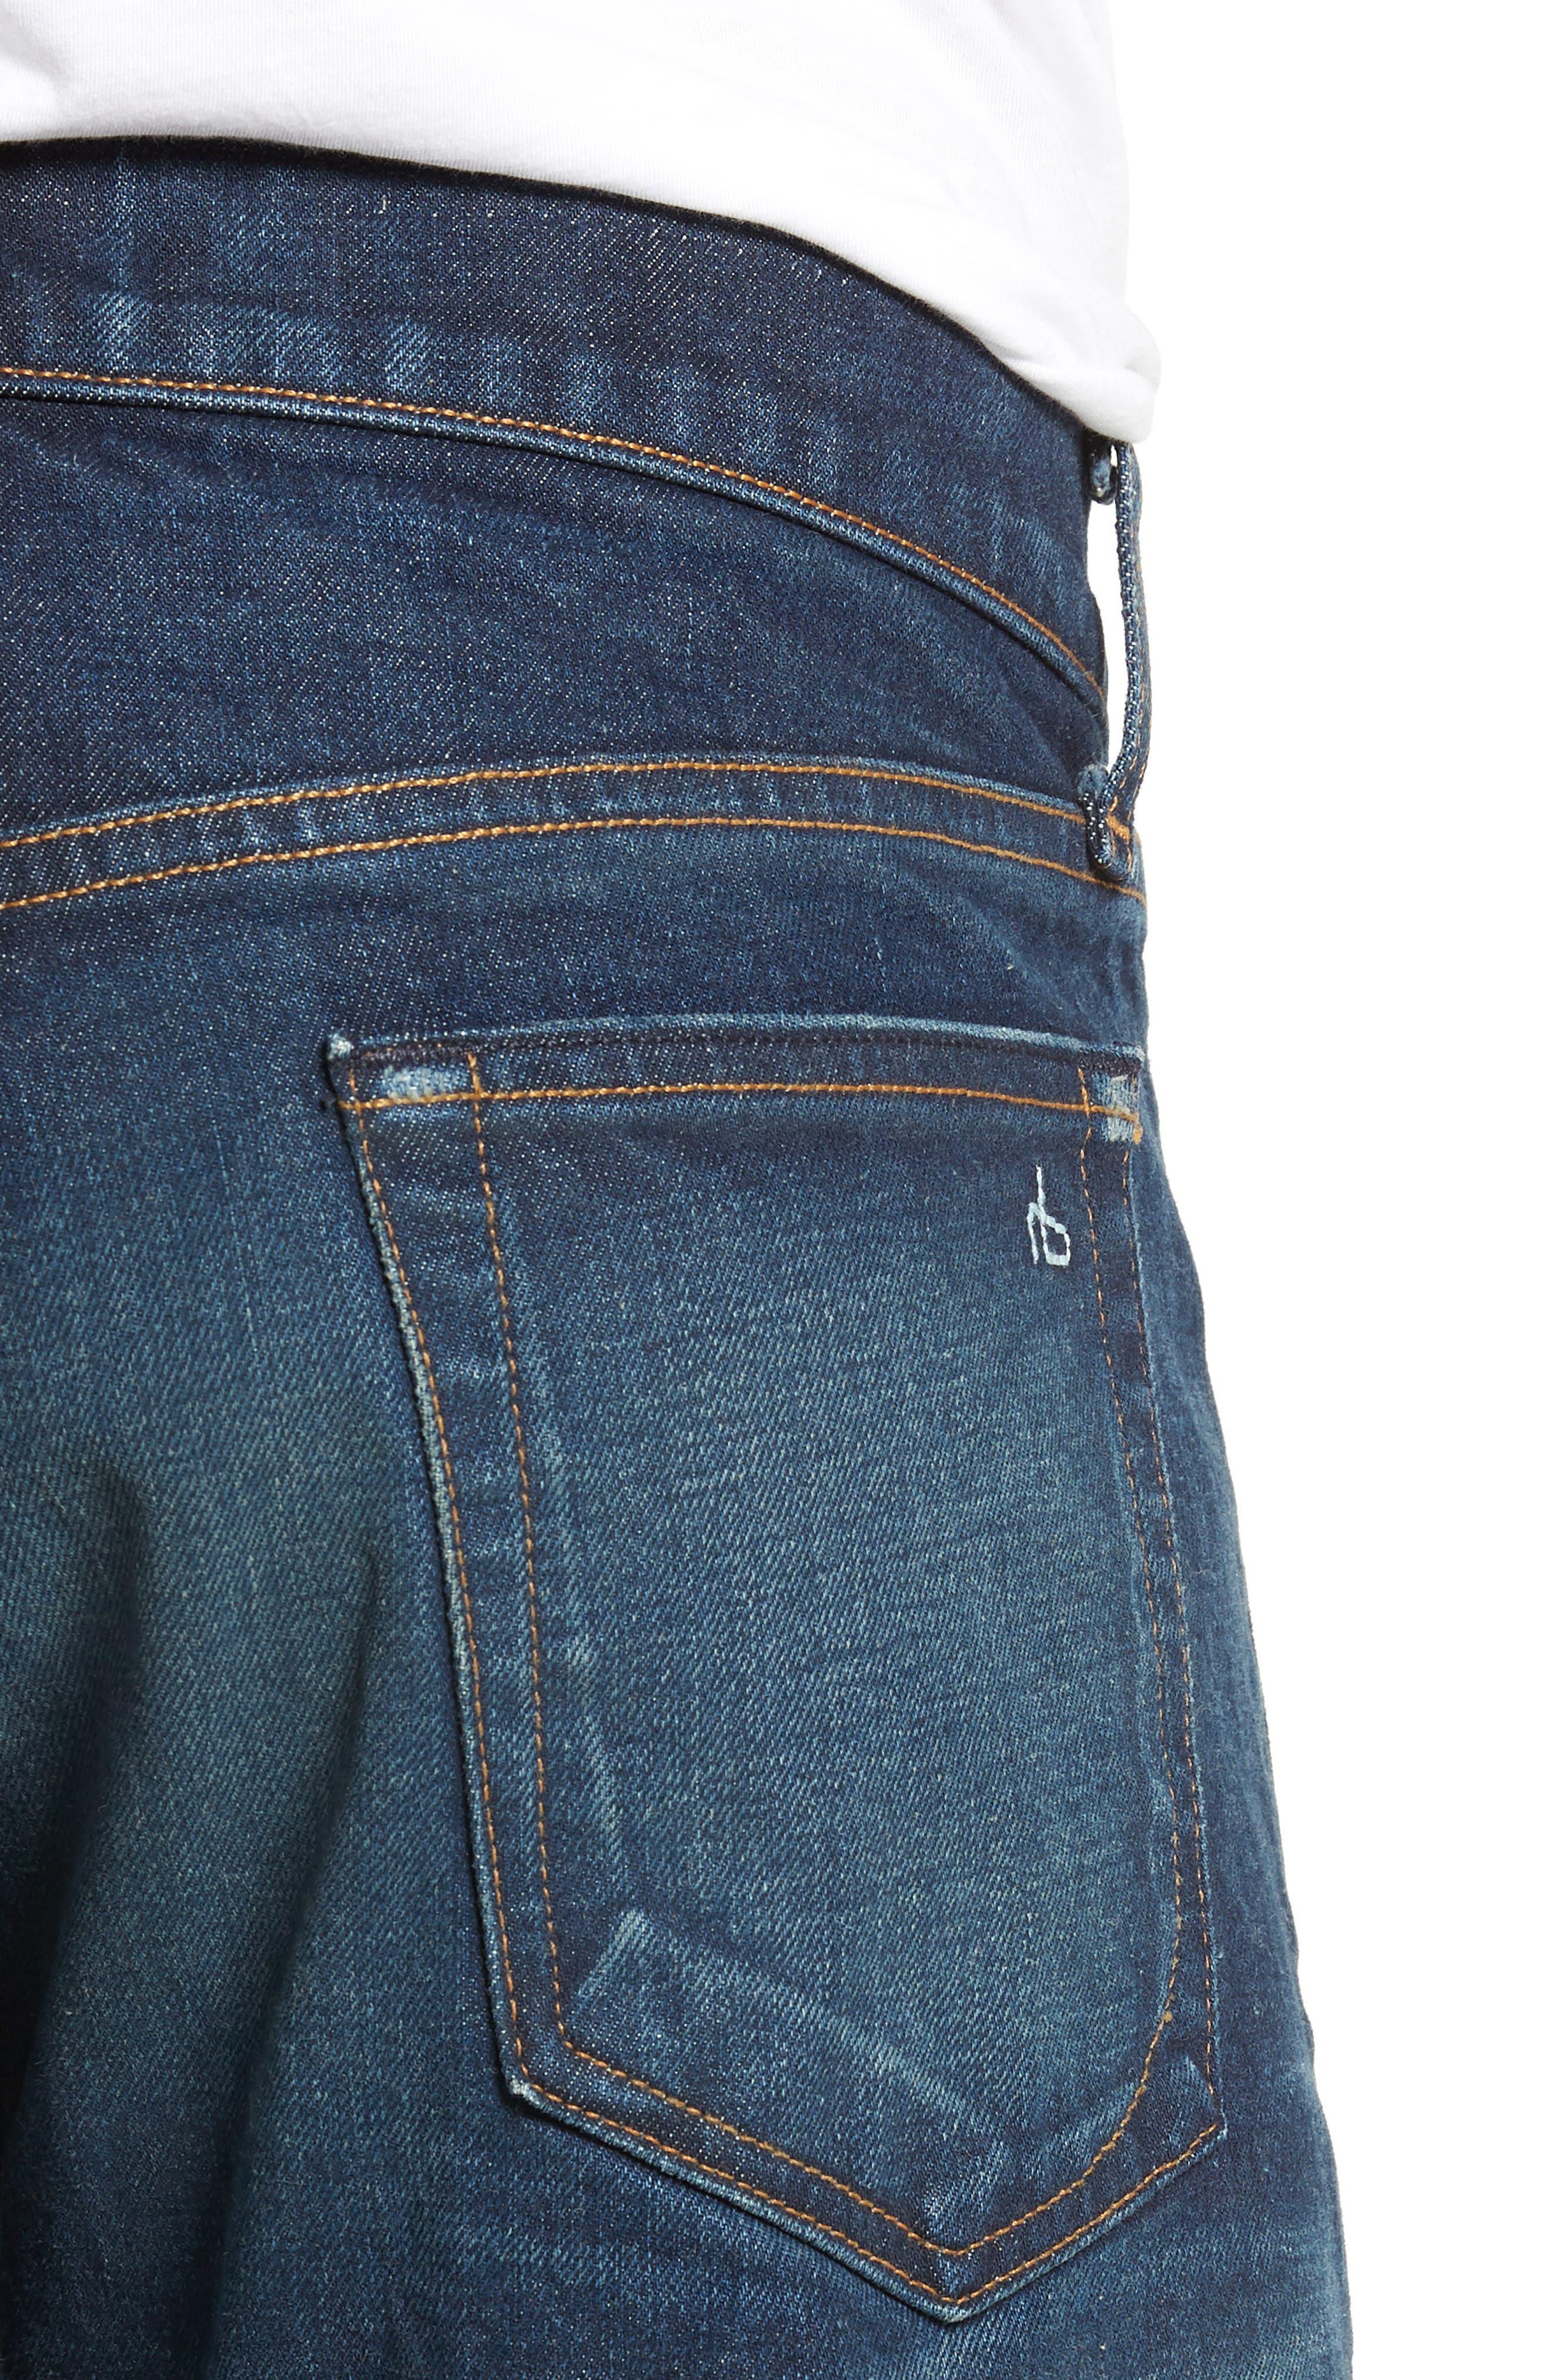 Fit 2 Slim Fit Jeans,                             Alternate thumbnail 4, color,                             WORN ACE